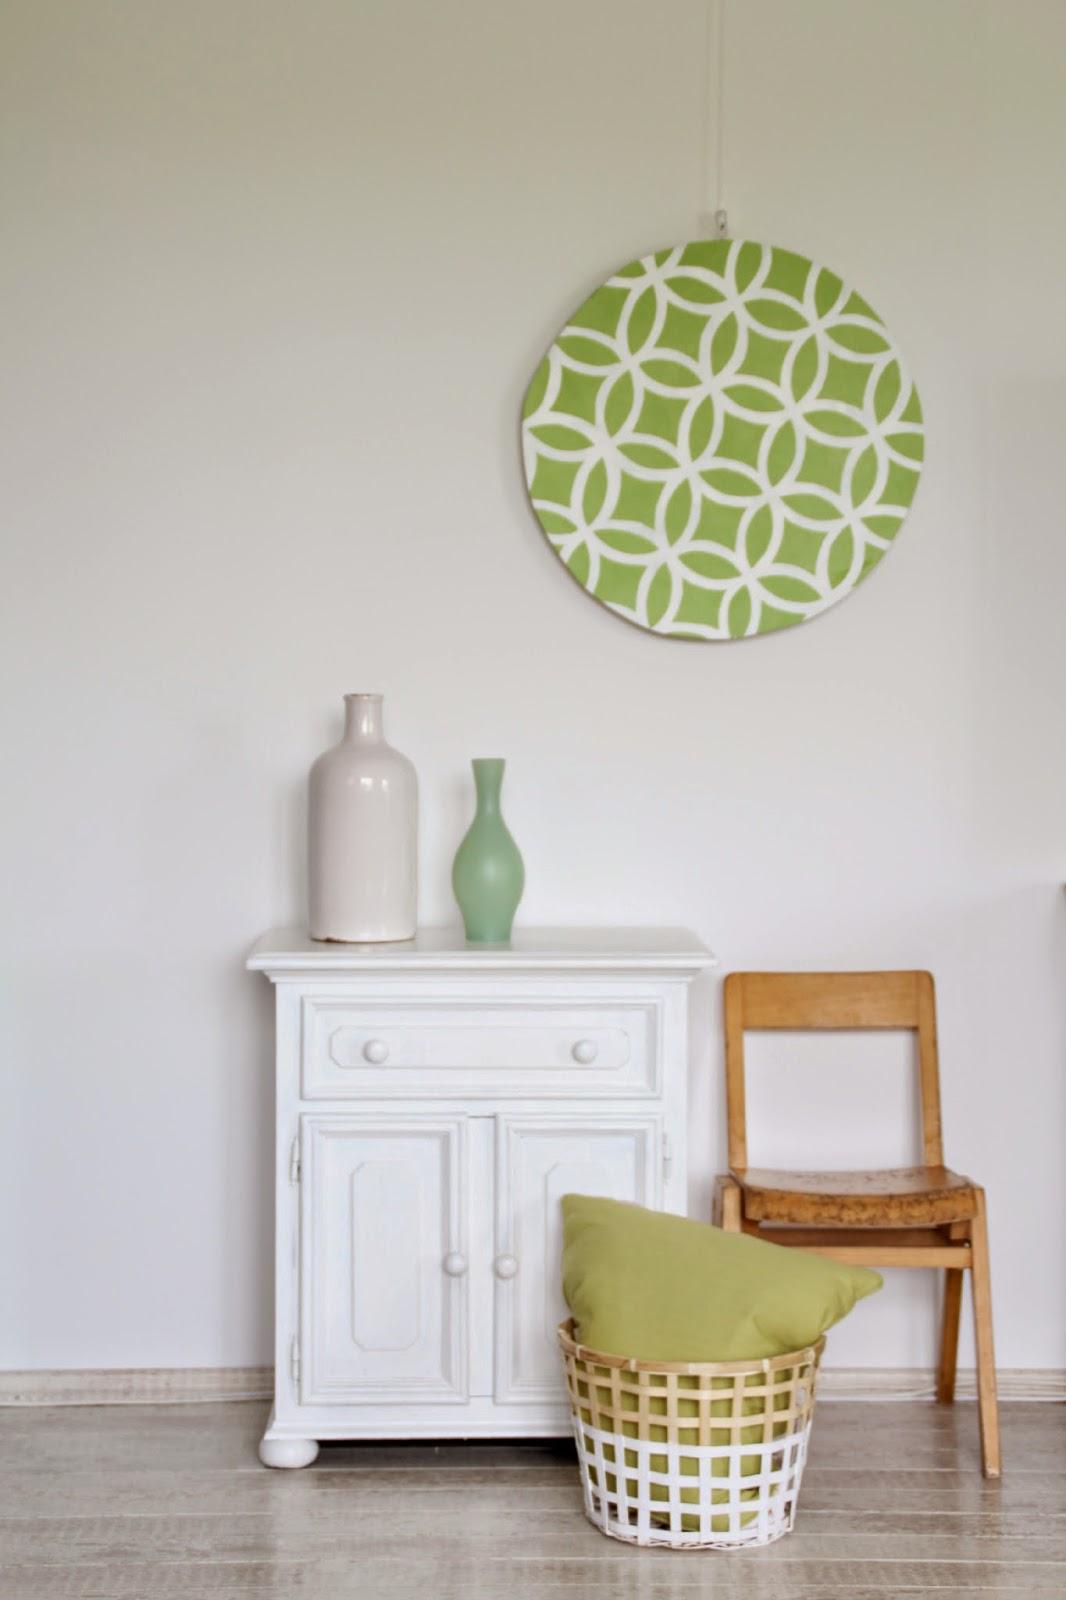 Gesamteindruck grafische Wanddeko mit Kommode und Vasen sowie Korb, Kissen und altem Kinderstuhl